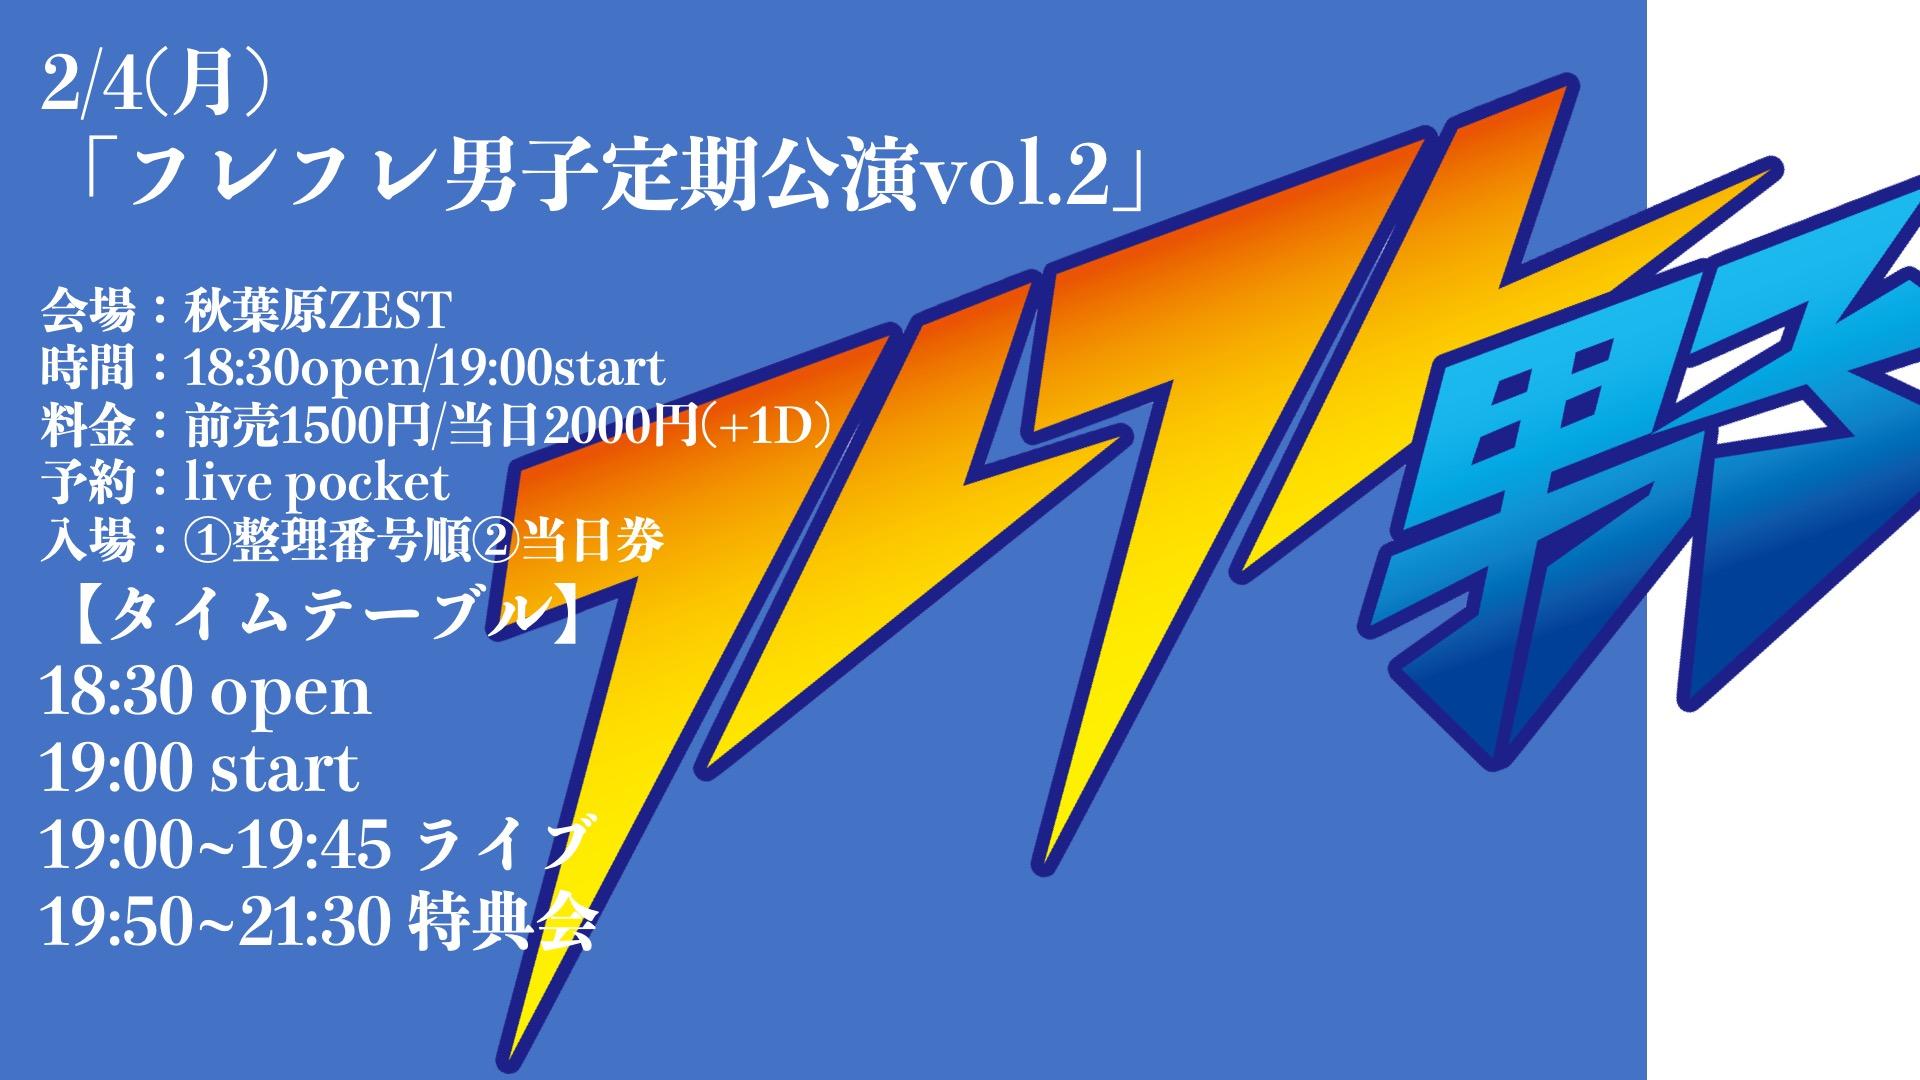 「フレフレ男子定期公演vol.2」